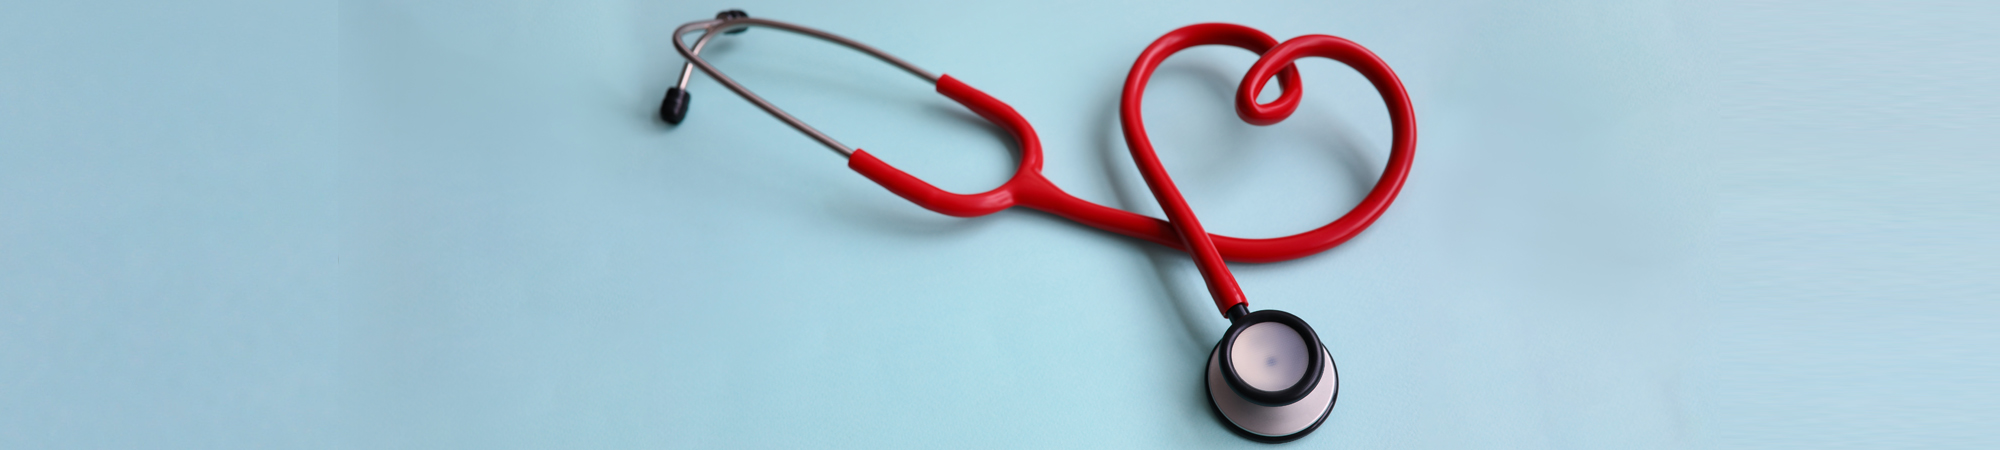 Student Health_stethscope